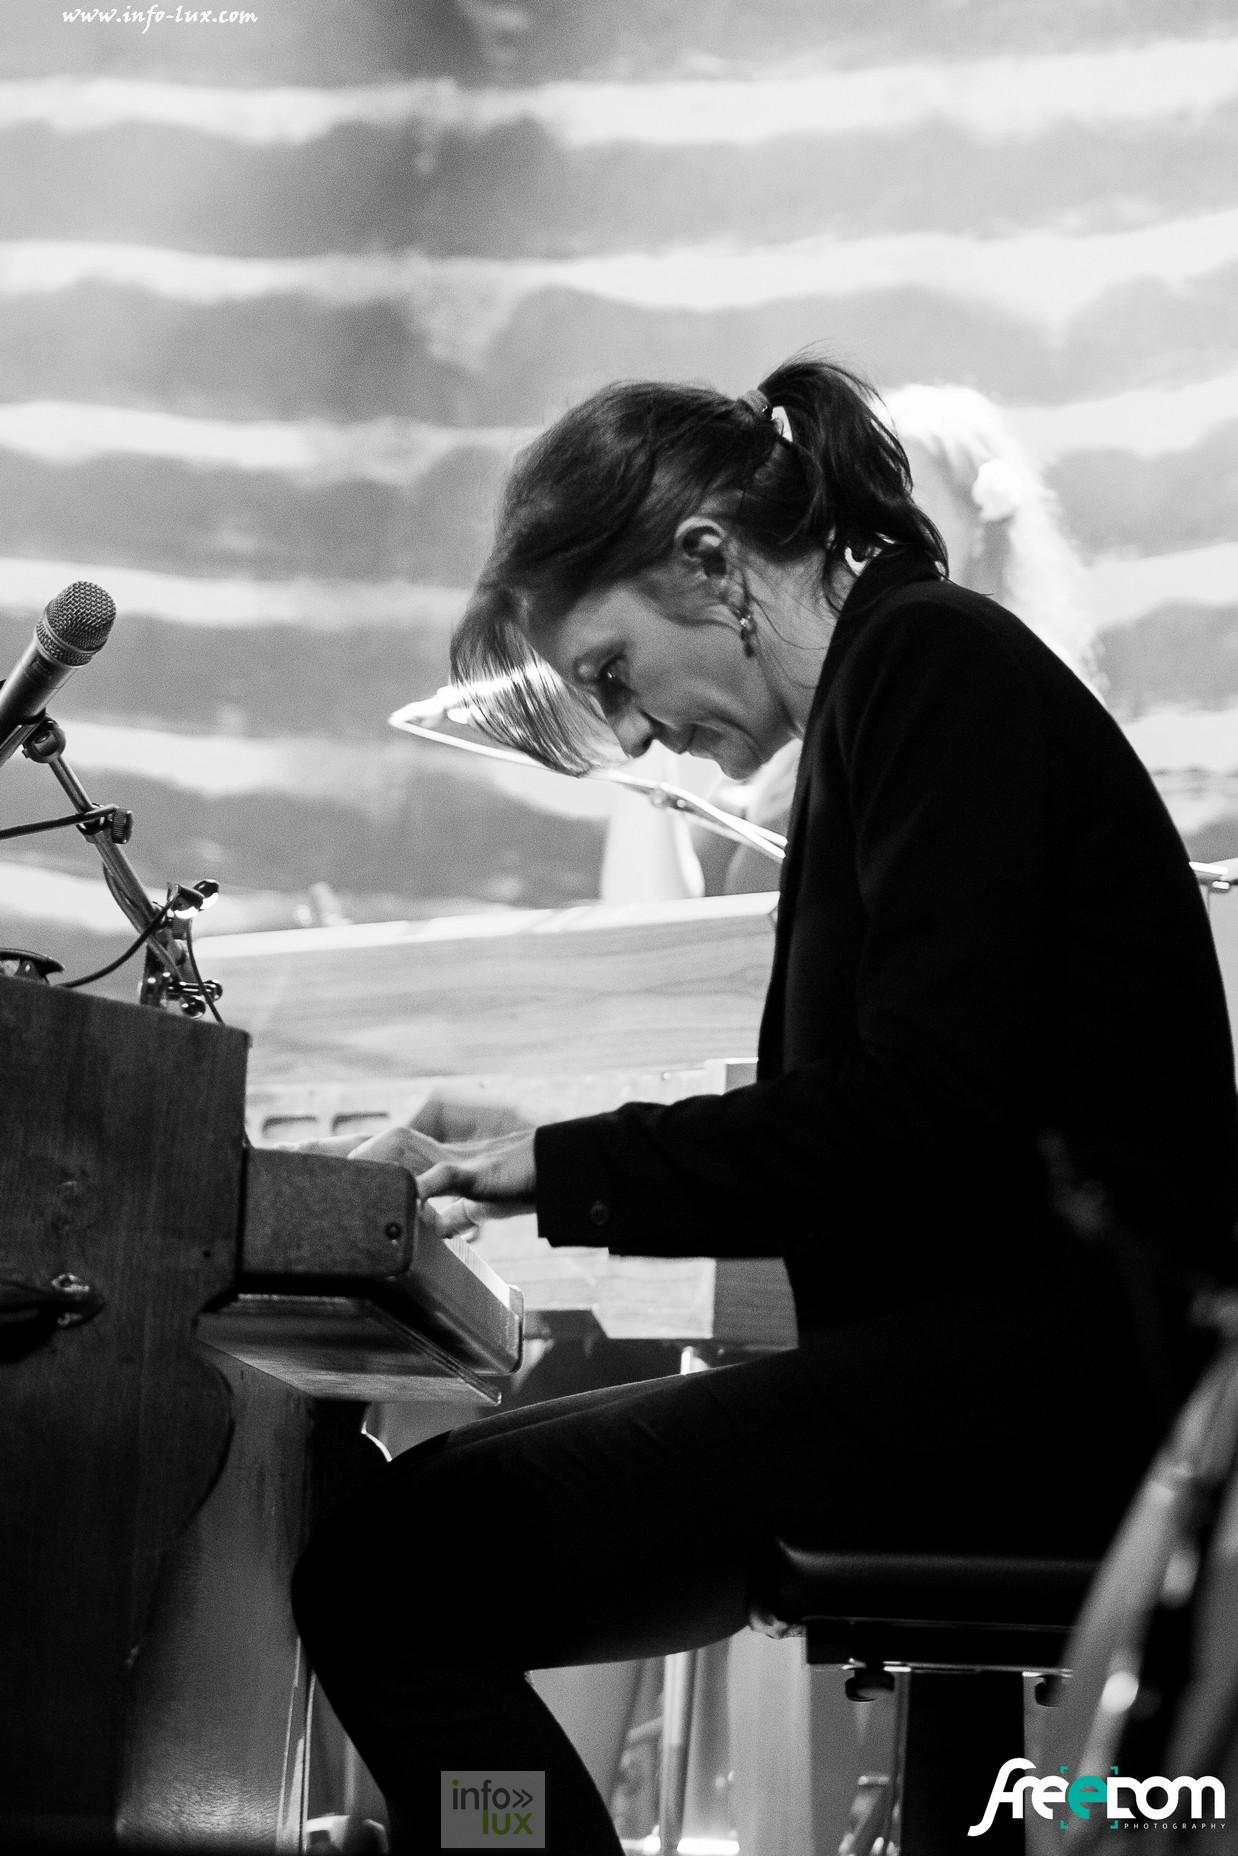 images/stories/PHOTOSREP/Bastogne/concert-moissec/2014-_miossec_bastogne-0688_LR_fp